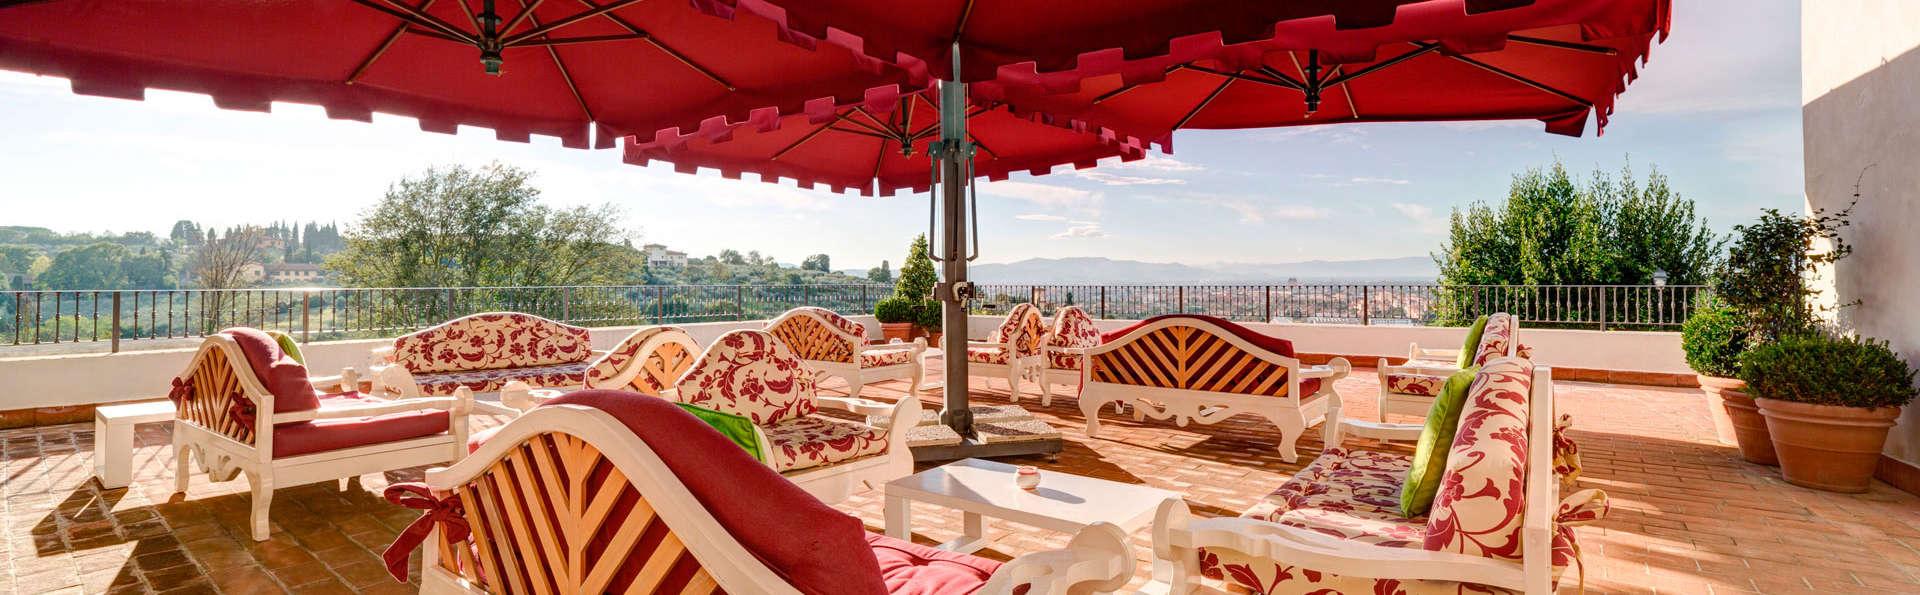 Week-end romantique dans la suite d'une villa au-dessus de Florence, avec dîner et massage